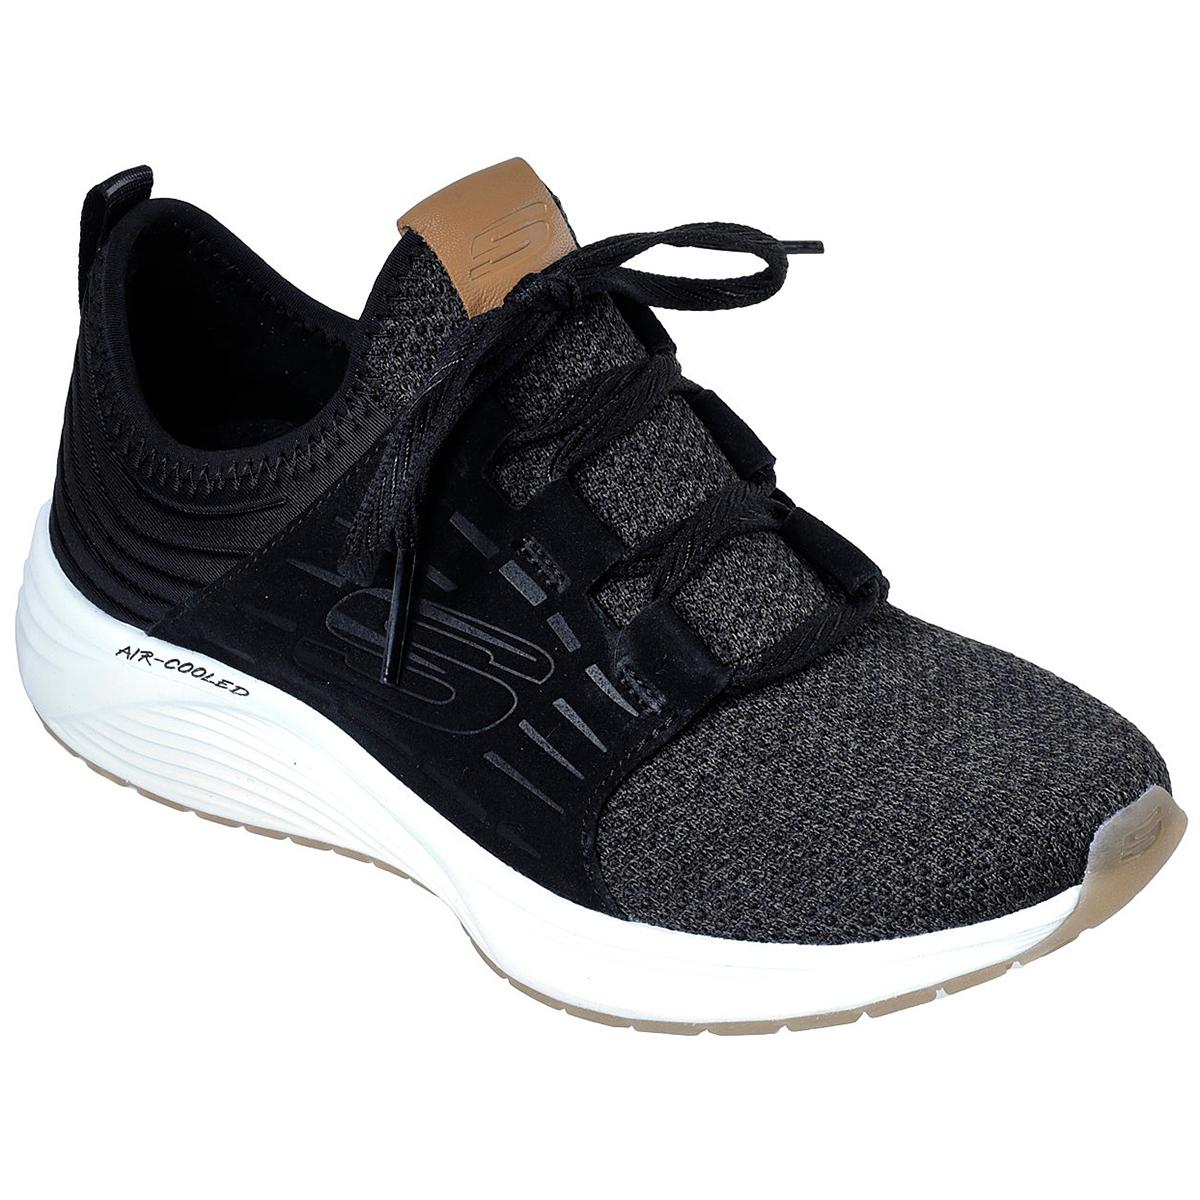 Skechers Women's Skyline Sneakers - Black, 6.5